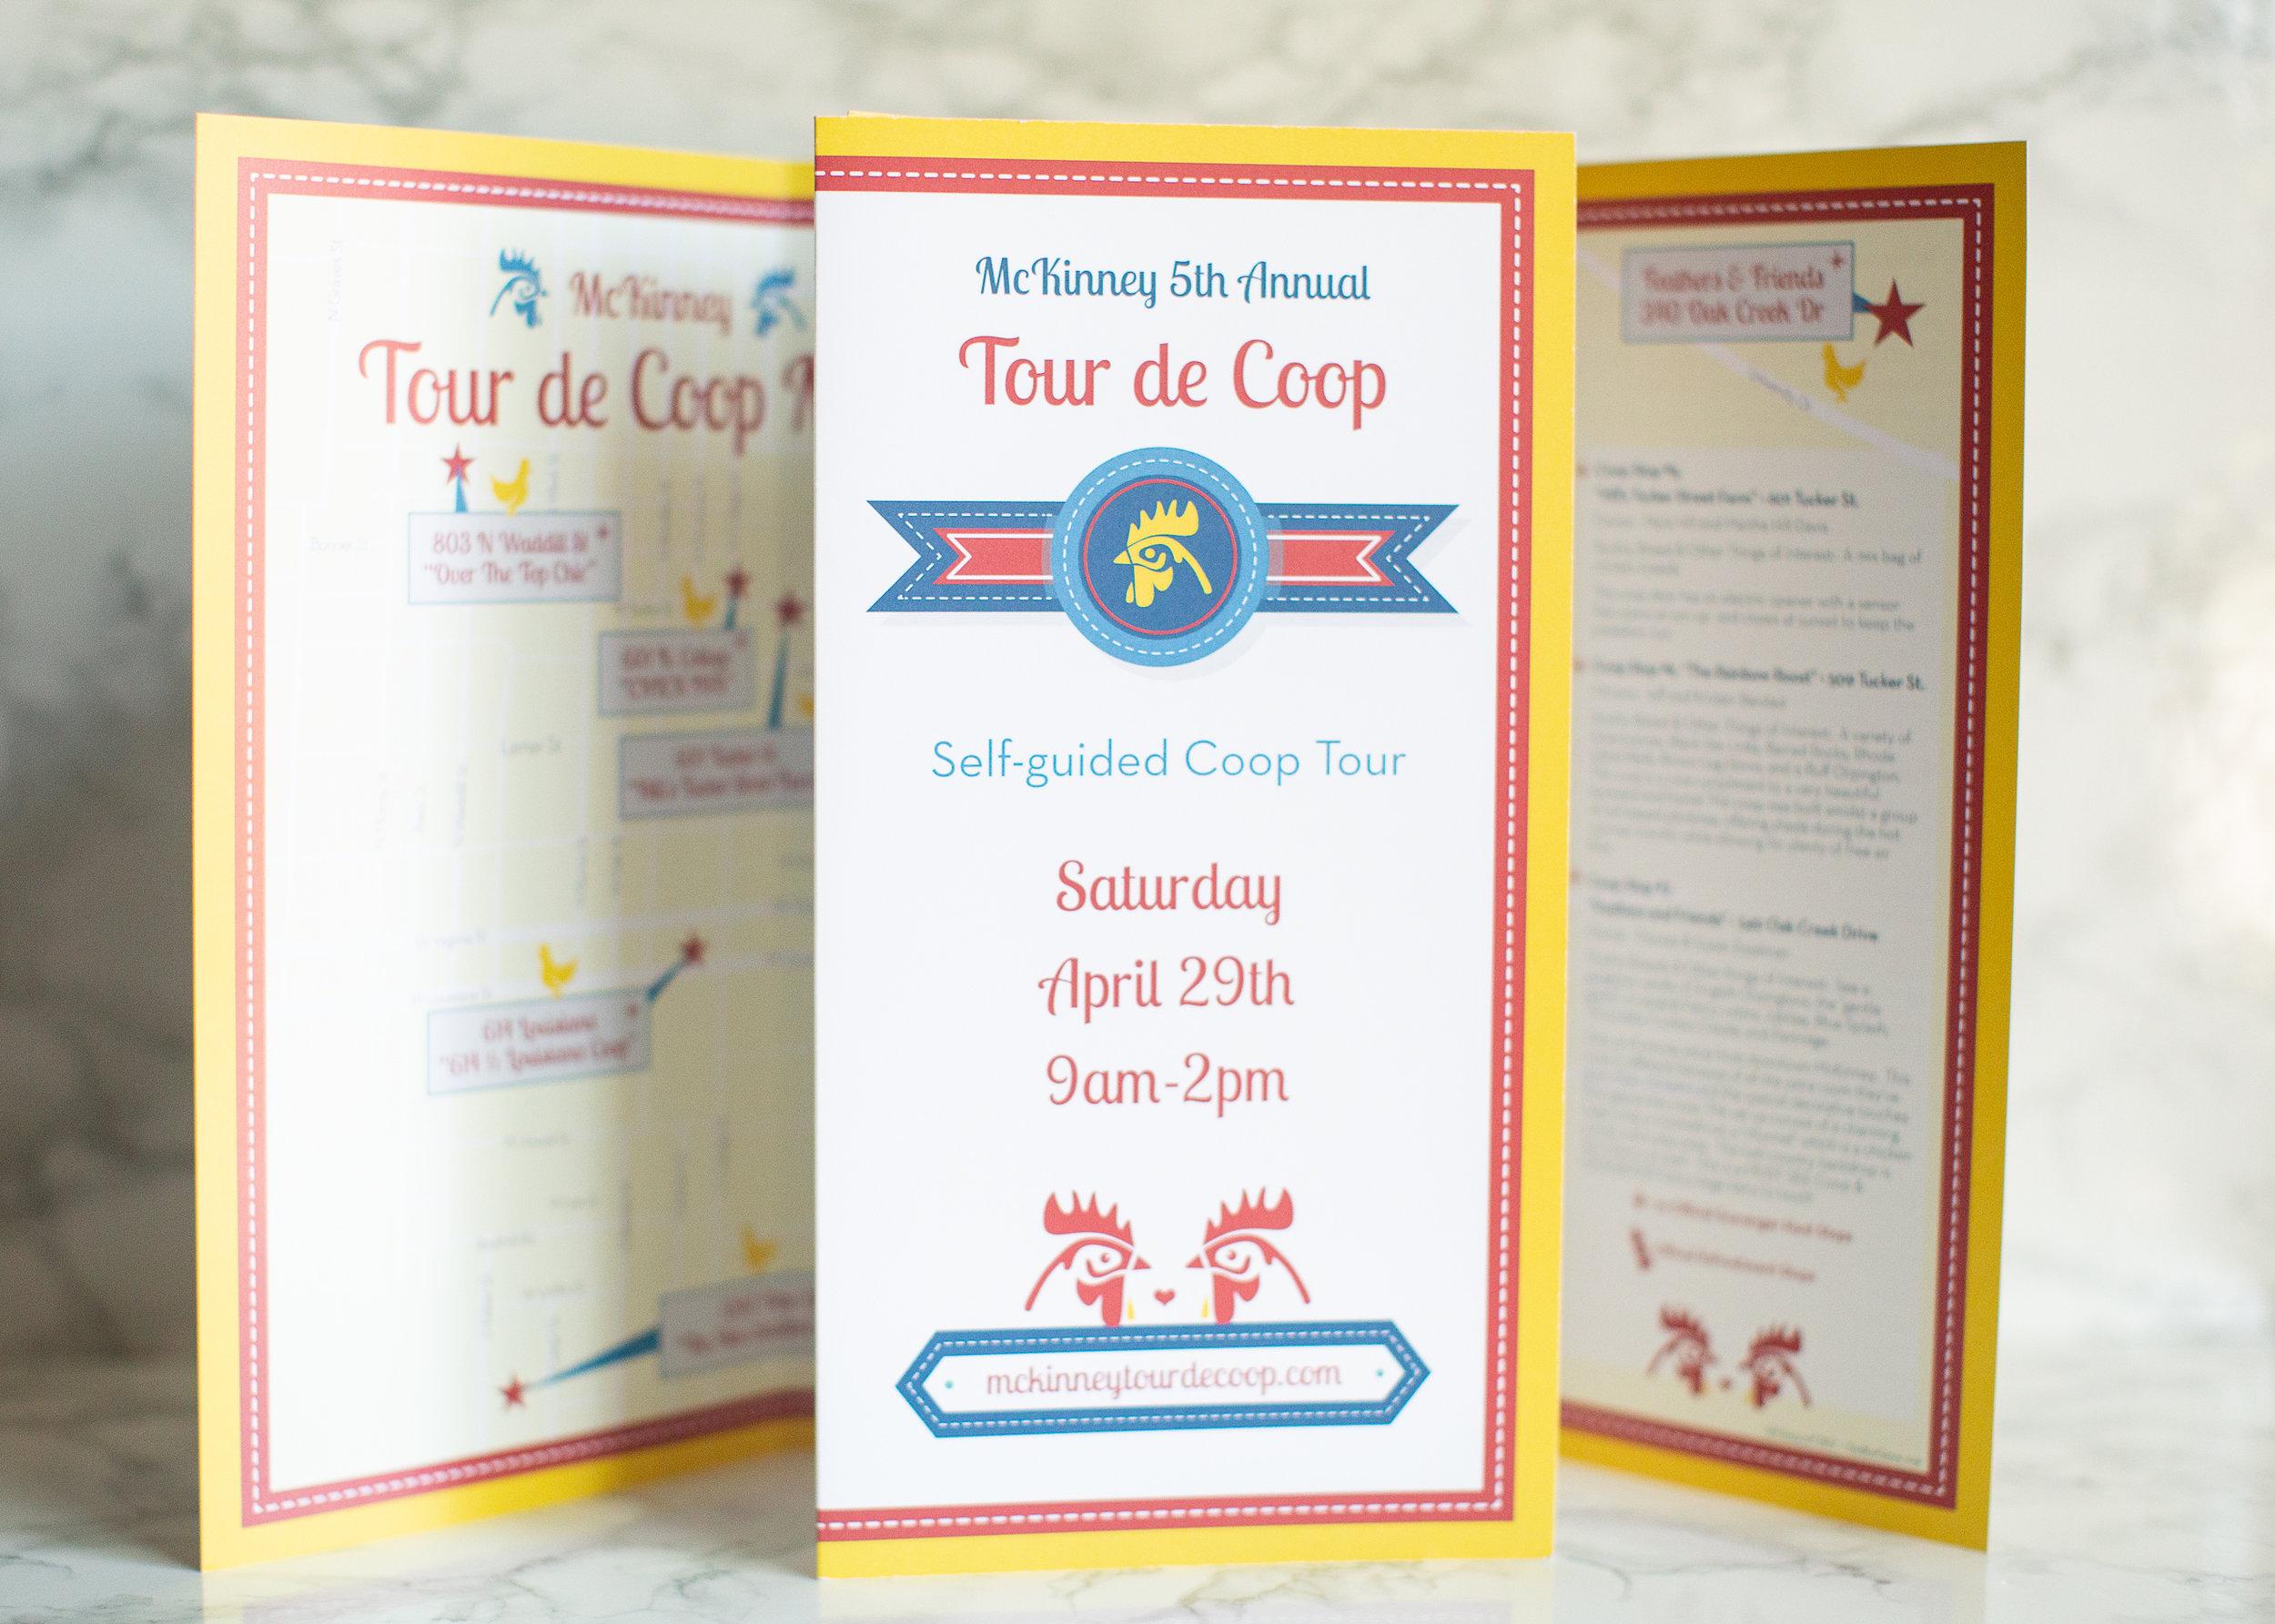 Tour de Coop McKinney Texas The Map Chick.jpg